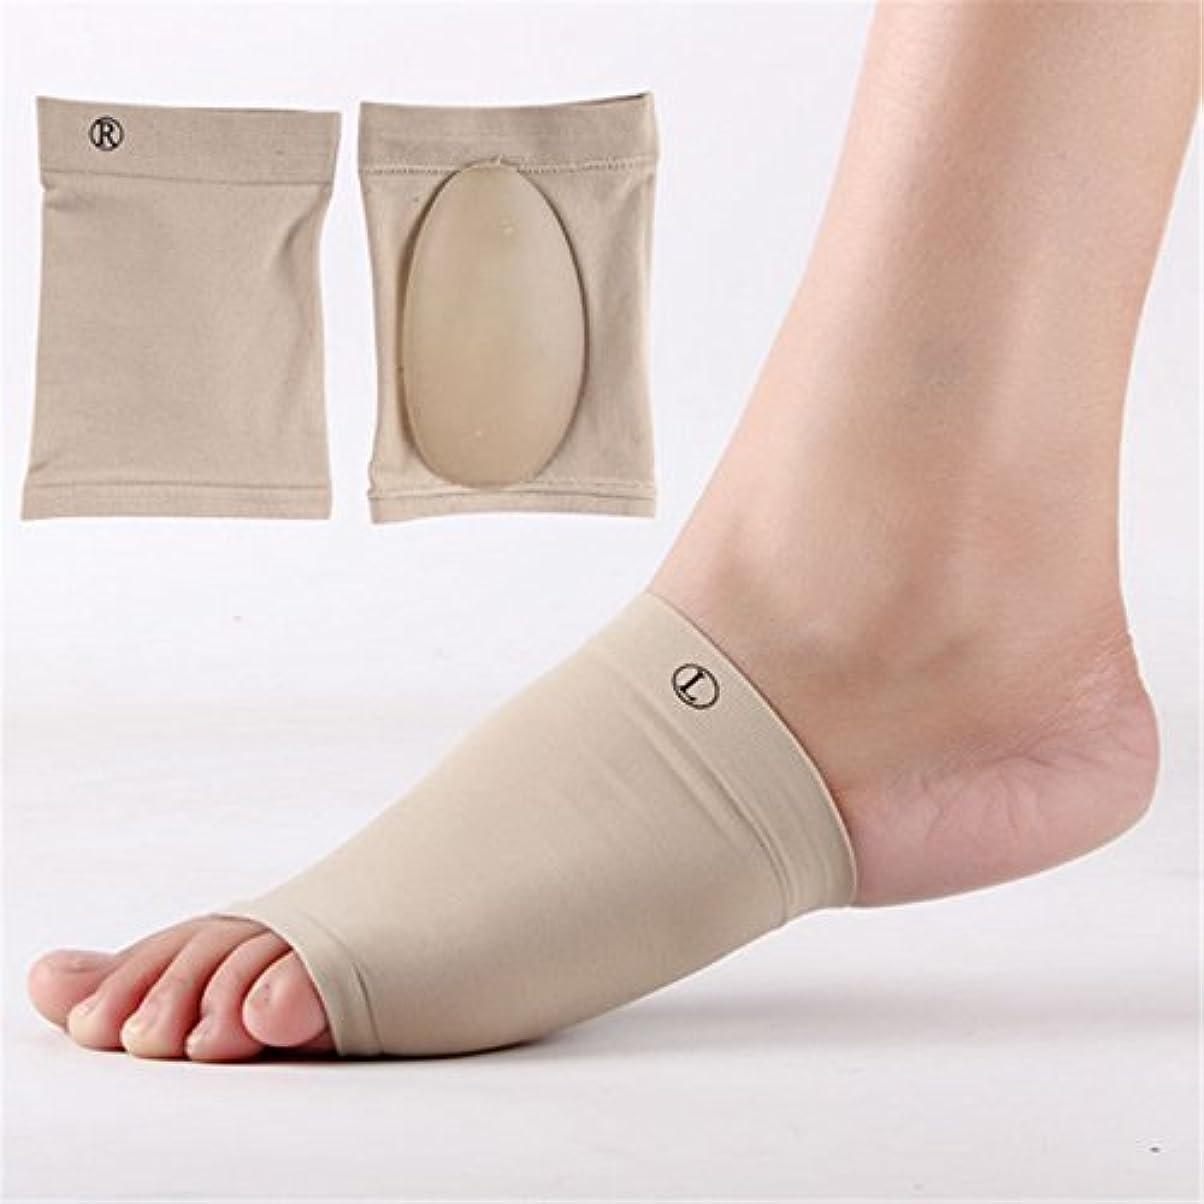 消費するしつけ小道Lorny(TM)1Pairジェル足底筋膜炎アーチサポートスリーブアーチソックスかかとクッションフラット足の整形外科靴パッドフットケア [並行輸入品]